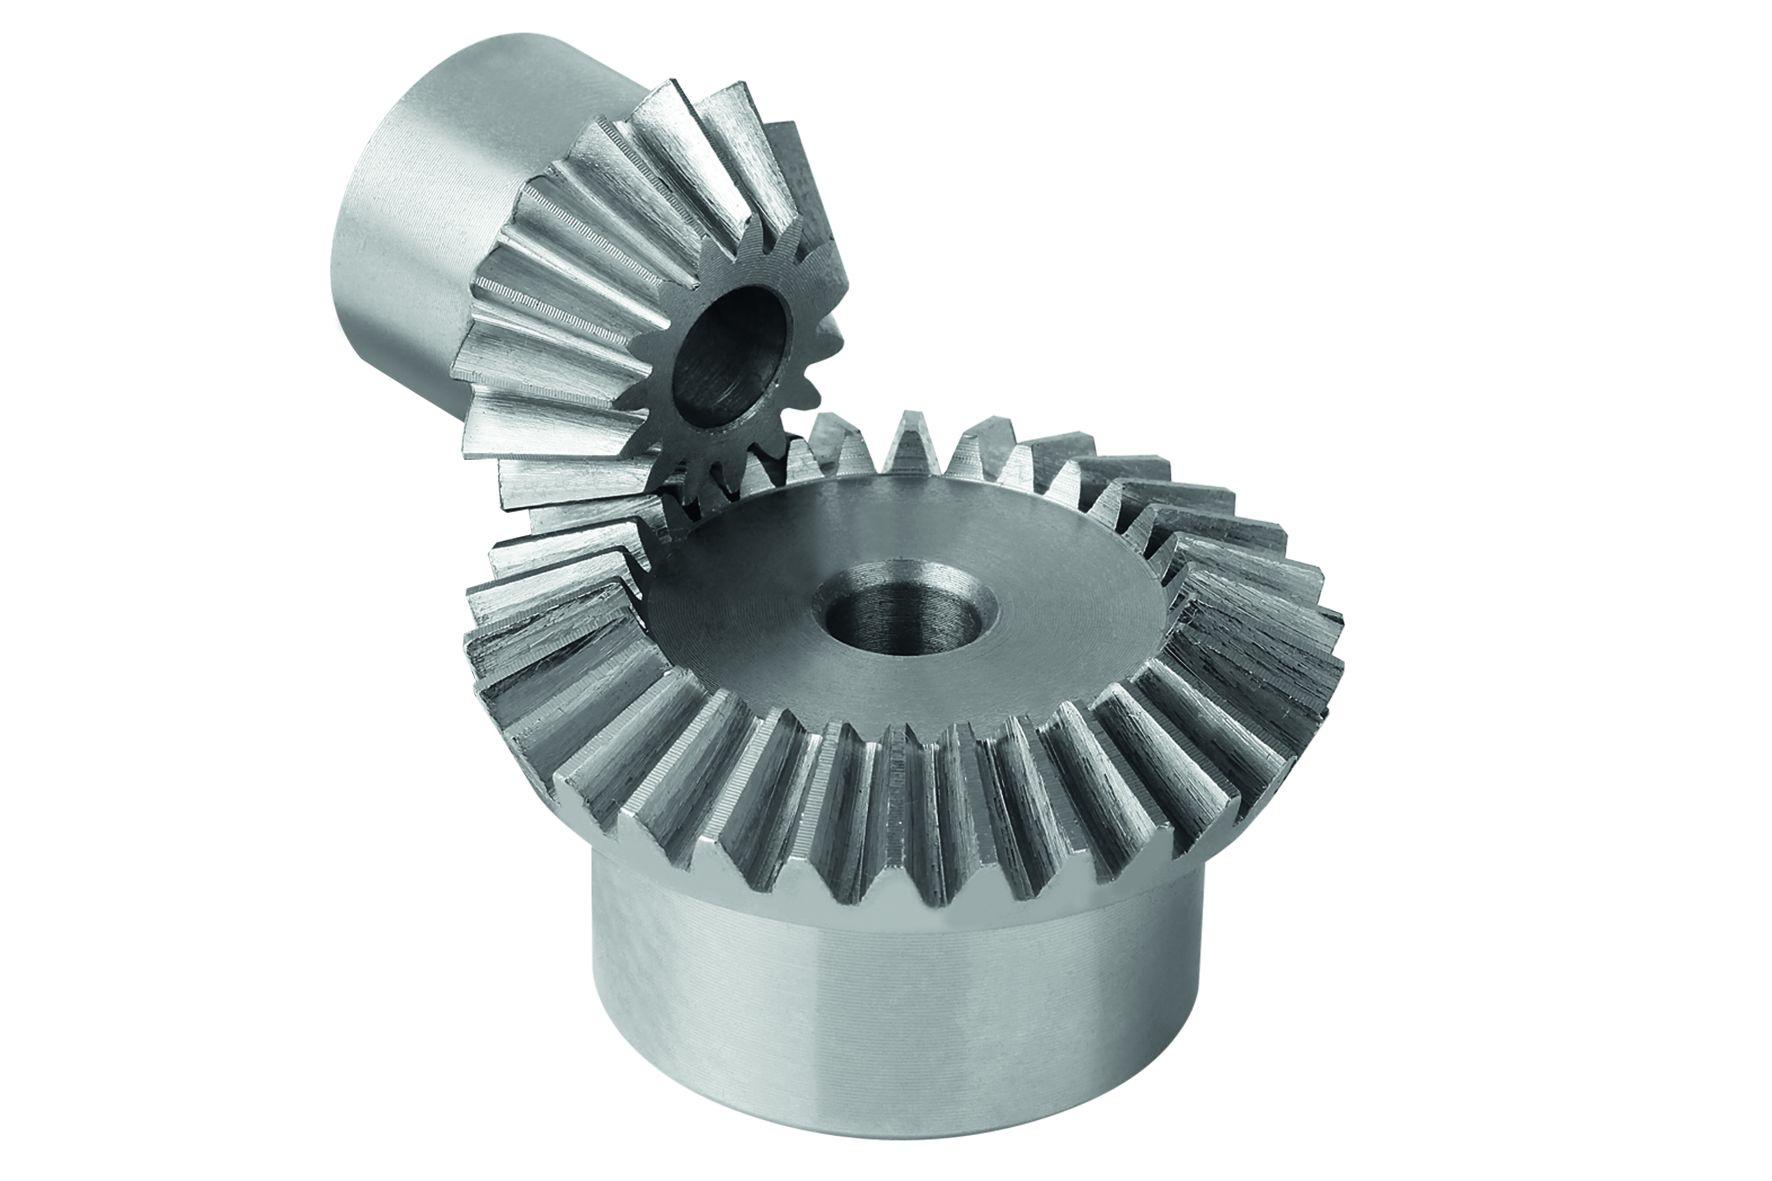 Übersetzung: 1:1, 1:2, 1:3 oder 1:4. Werkstoff: Stahl 1.0503 (C45). Ausführung: Verzahnung gefräst, gerade verzahnt. Ein